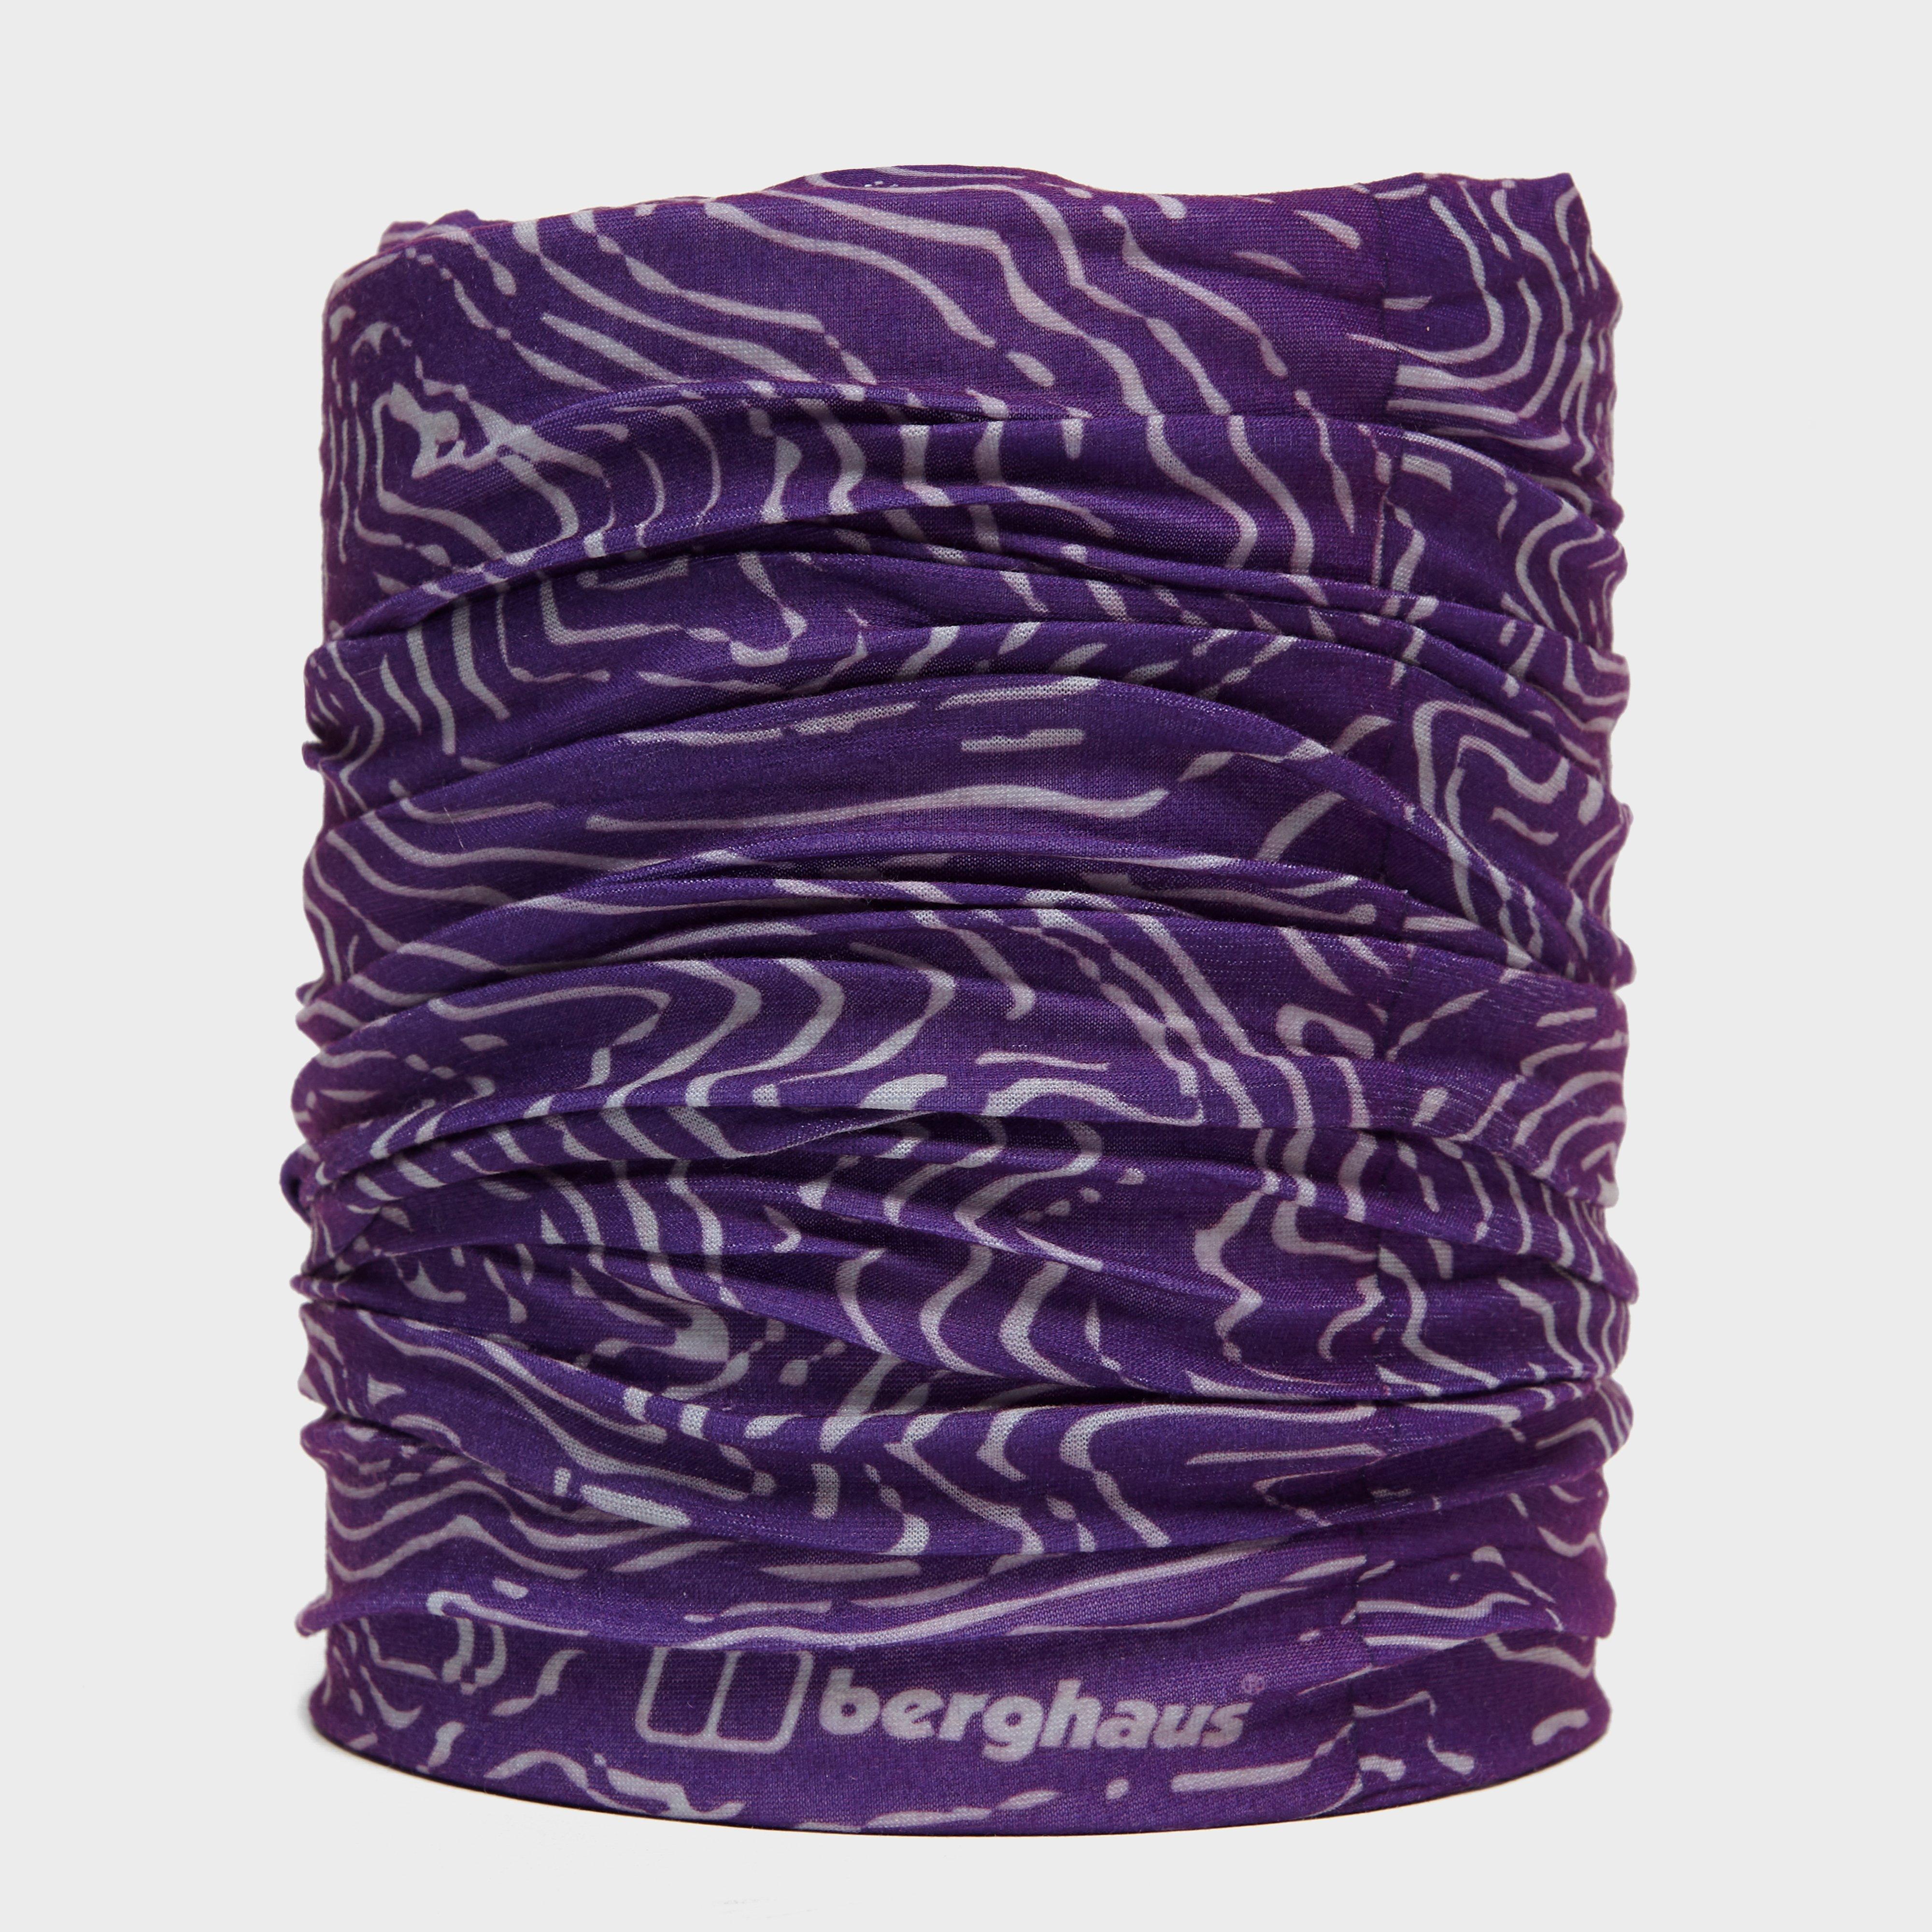 Berghaus Unisex Contour Neck Gaiter - Purple/pup  Purple/pup